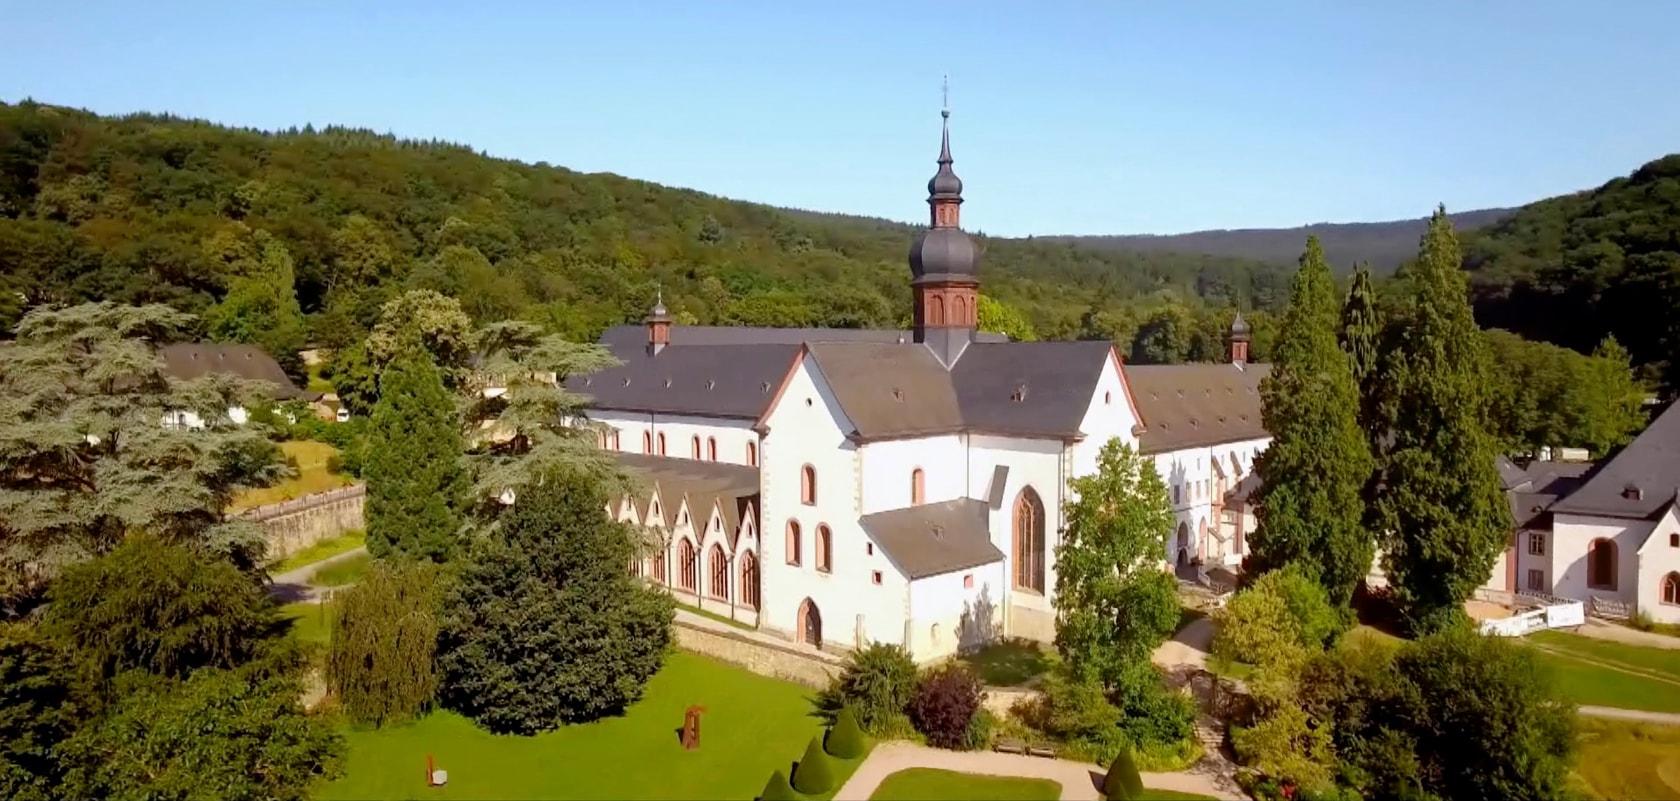 kloster eberbach hotel